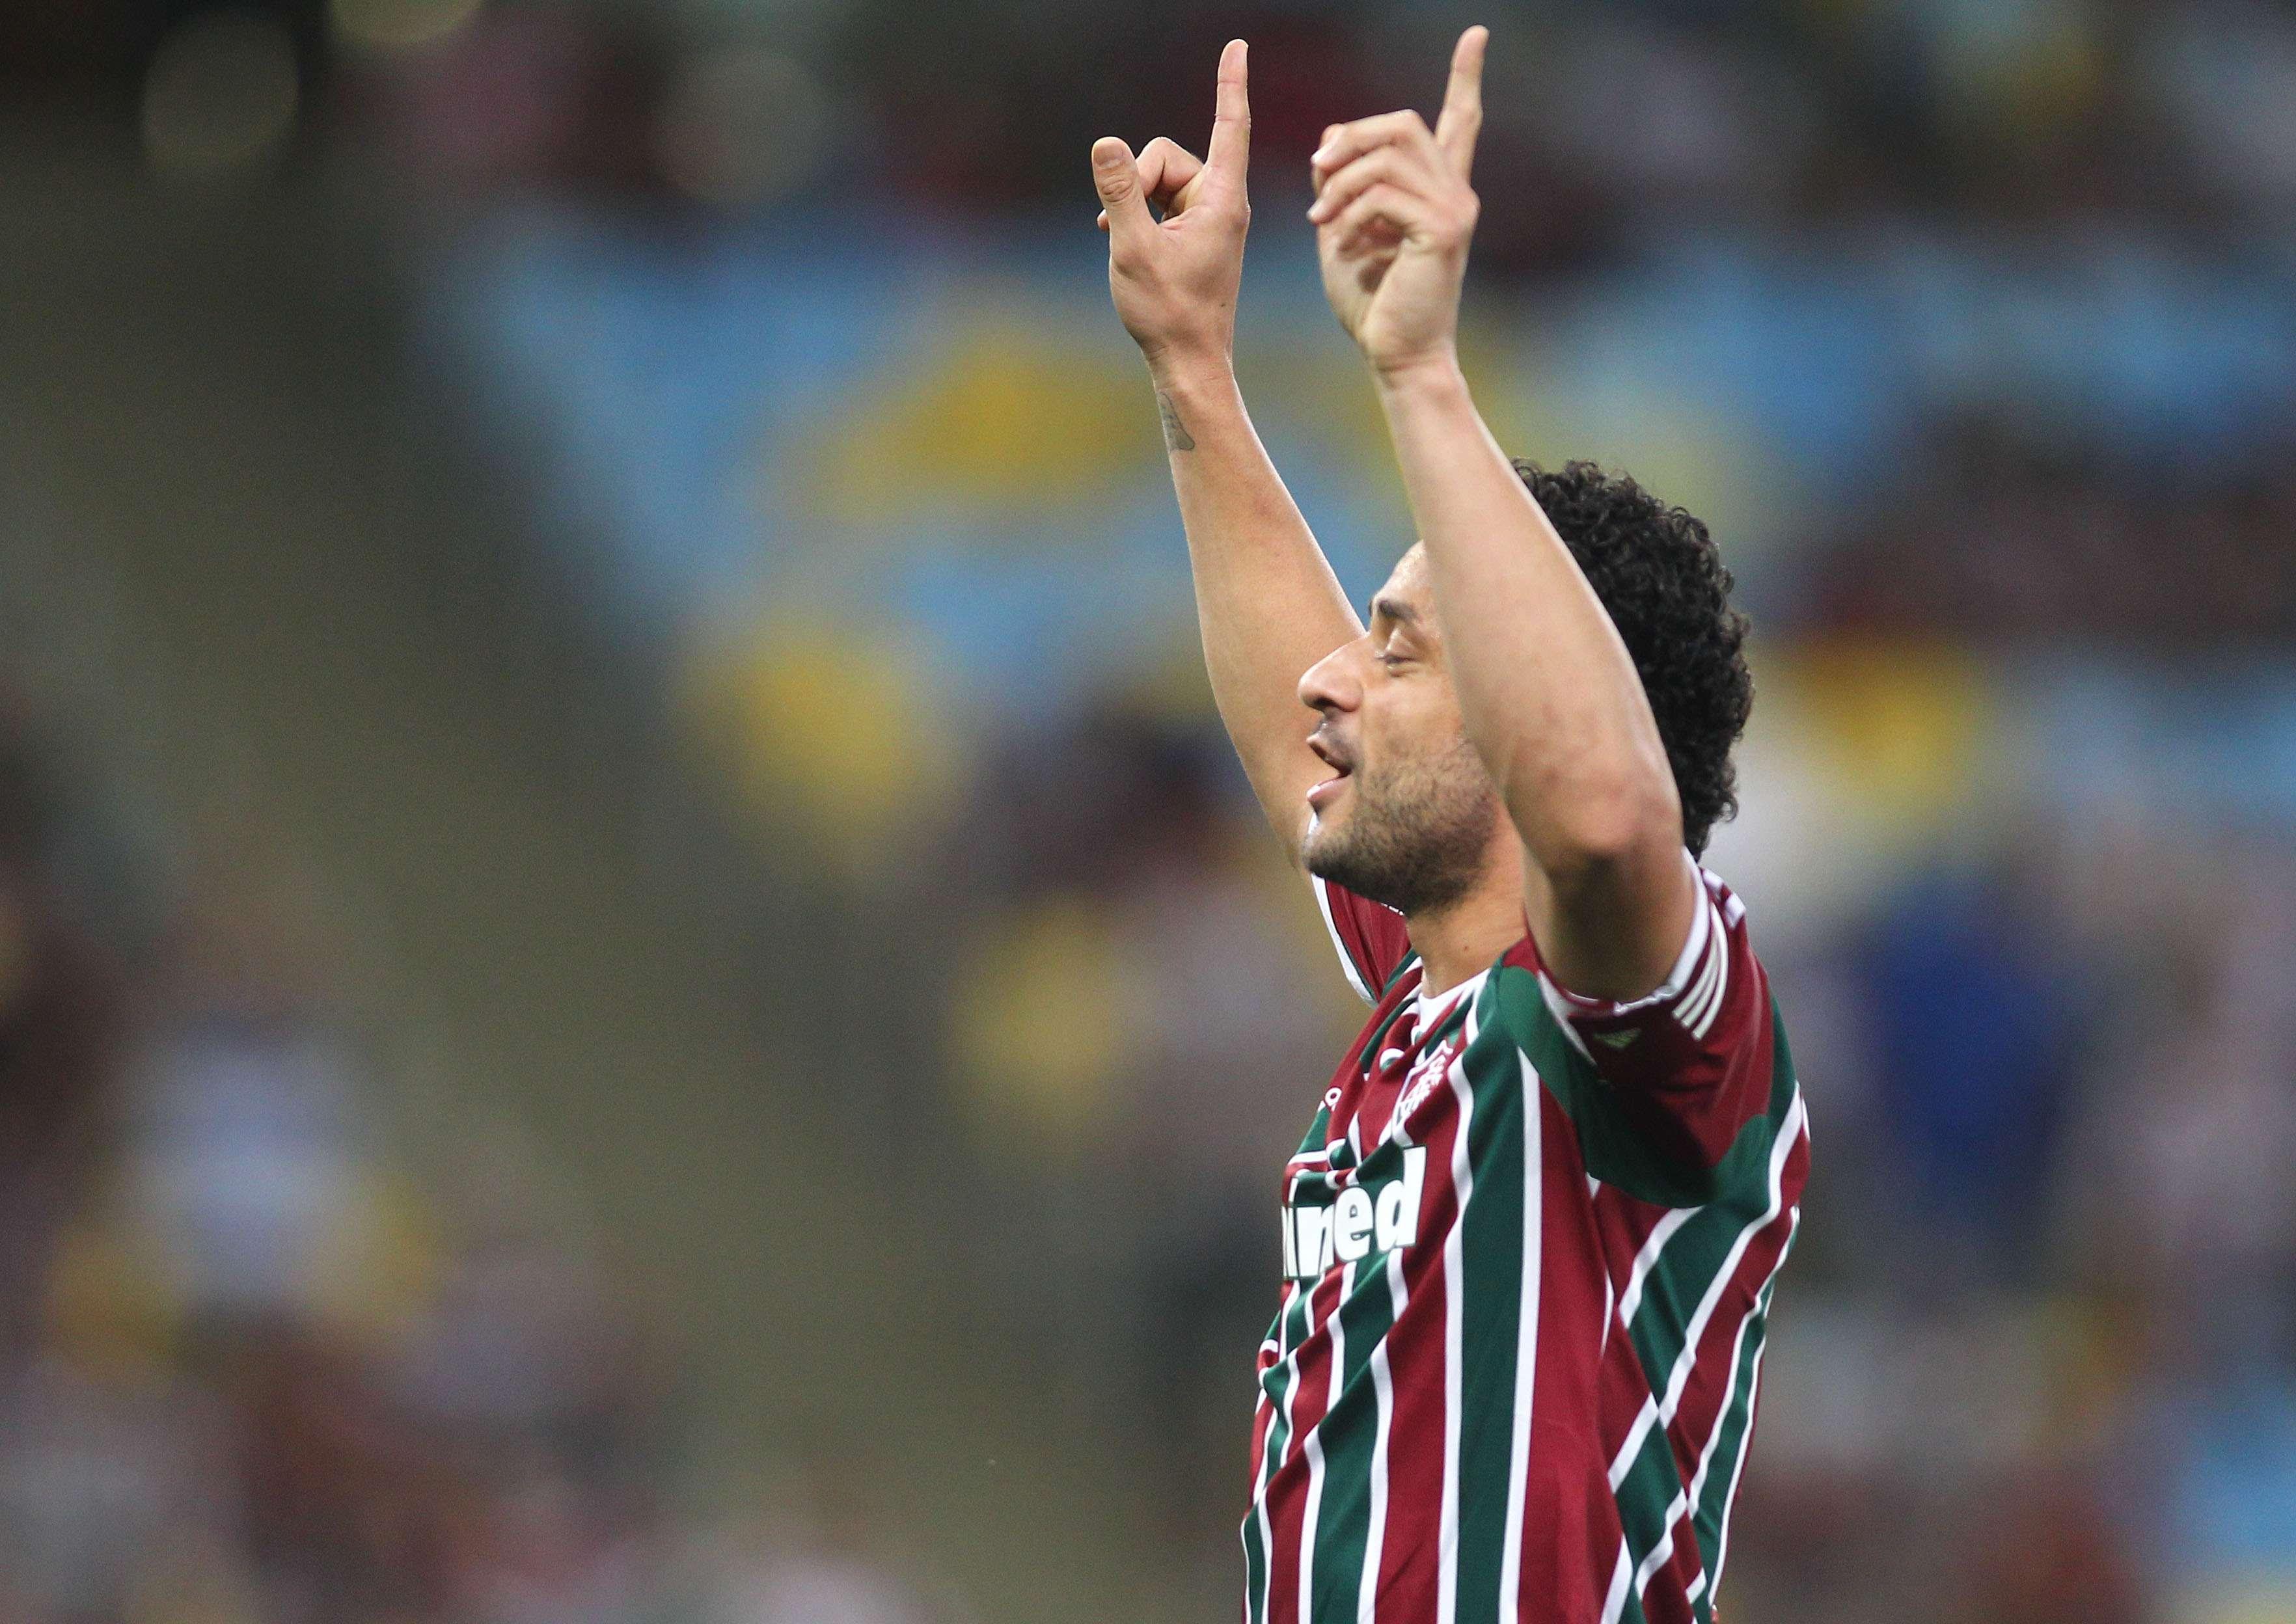 Foto: Matheus Andrade/Photocamera/Divulgação